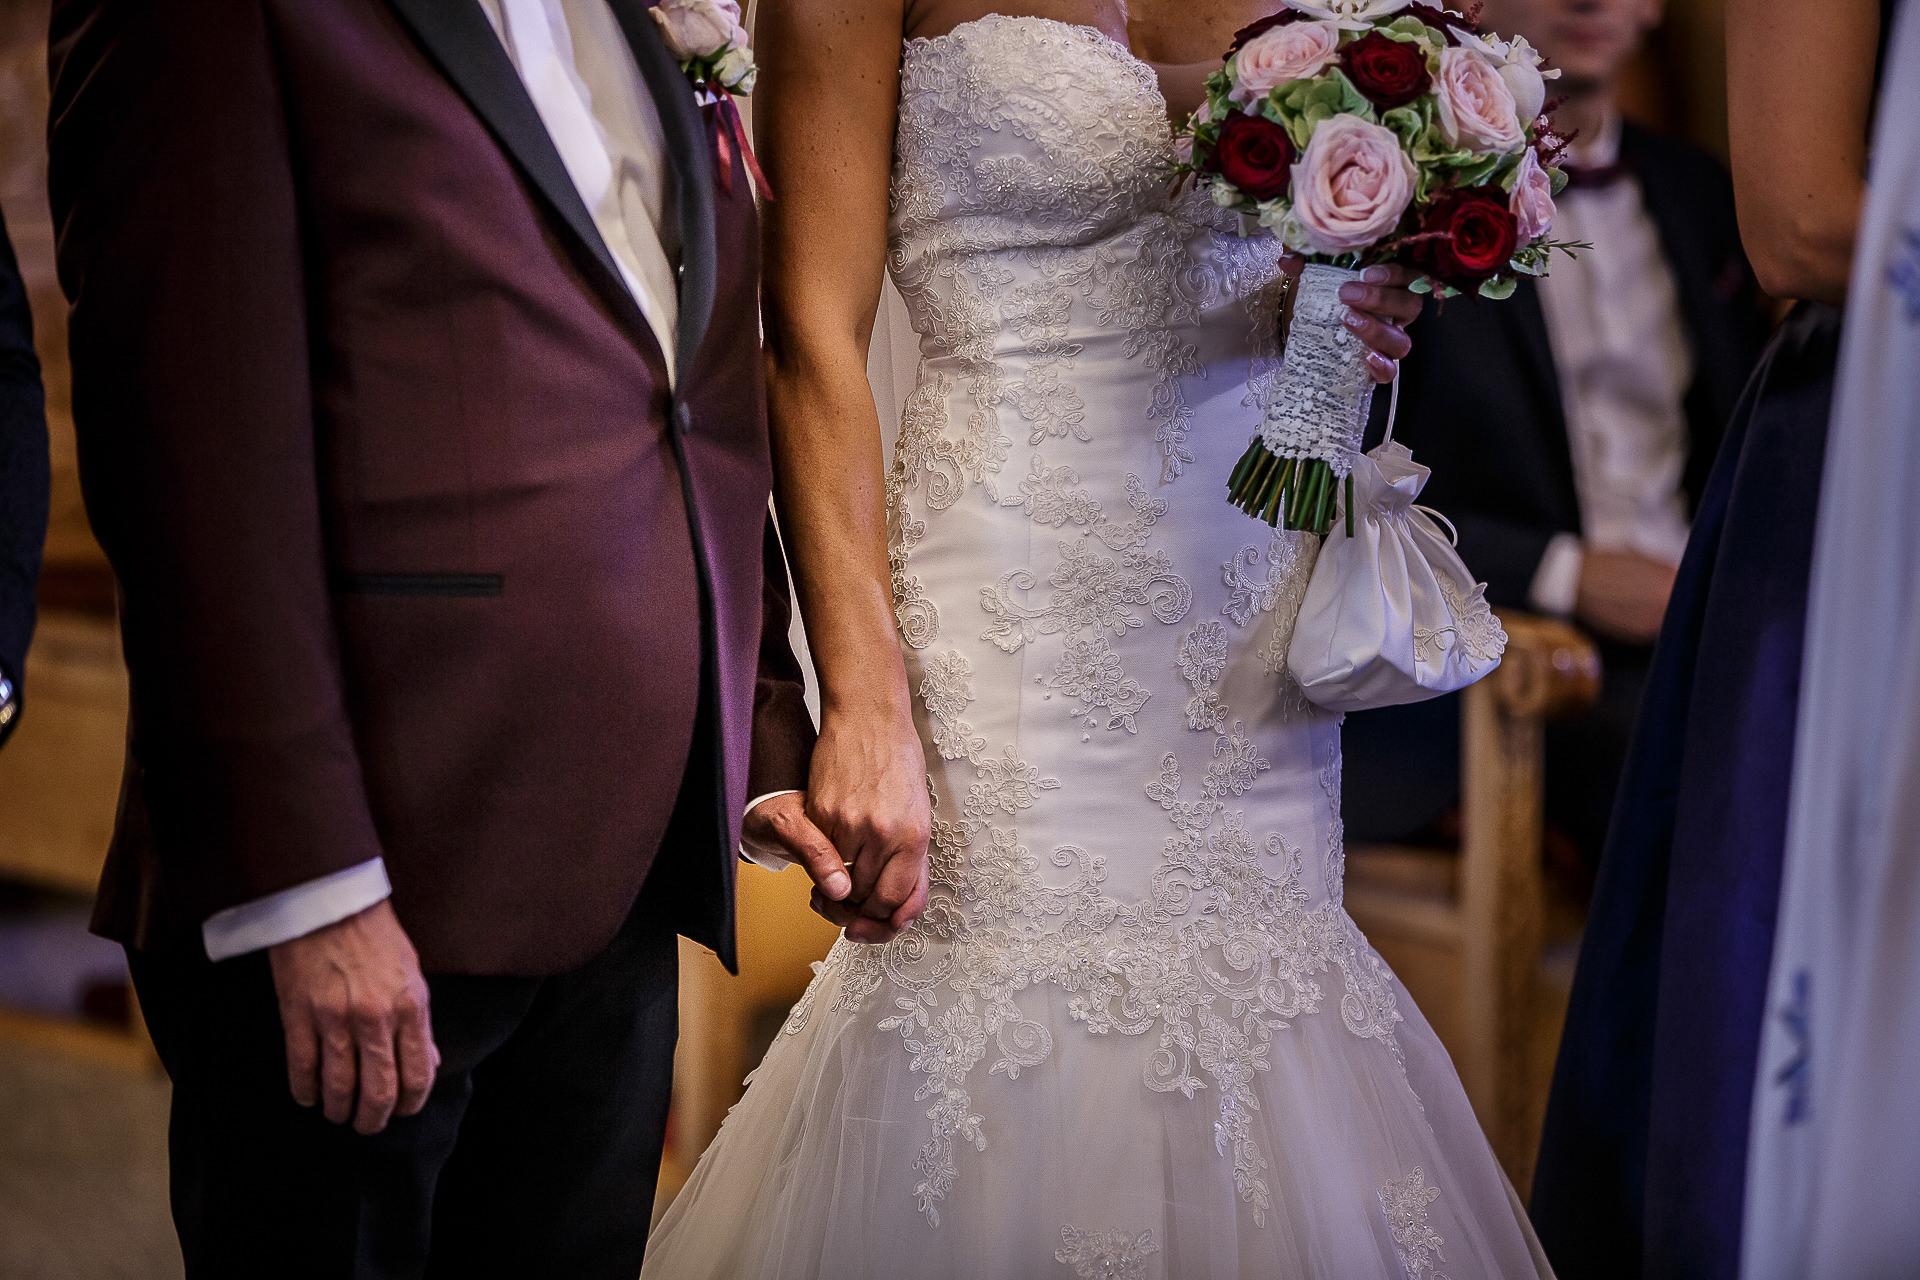 Fotograf nuntă Bucureşti - Biserica Militara Sfântul Mina + Metropolitan Club and Events - Marinela şi Pasquale - Mihai Zaharia Photography - 27